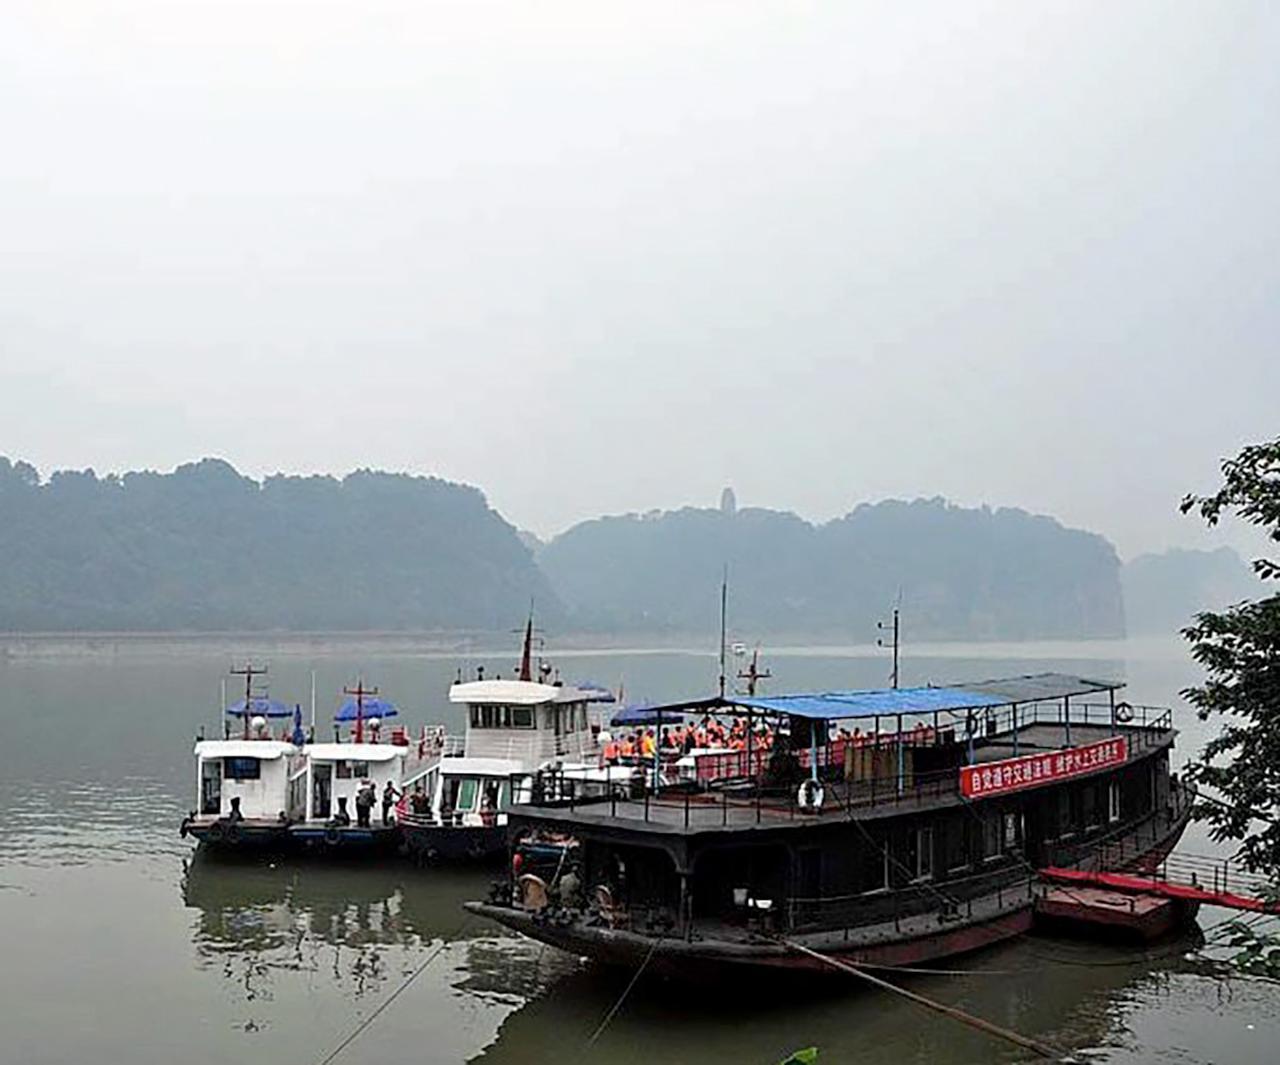 ท่าเรือที่แม่น้ำหมิงเจียง...